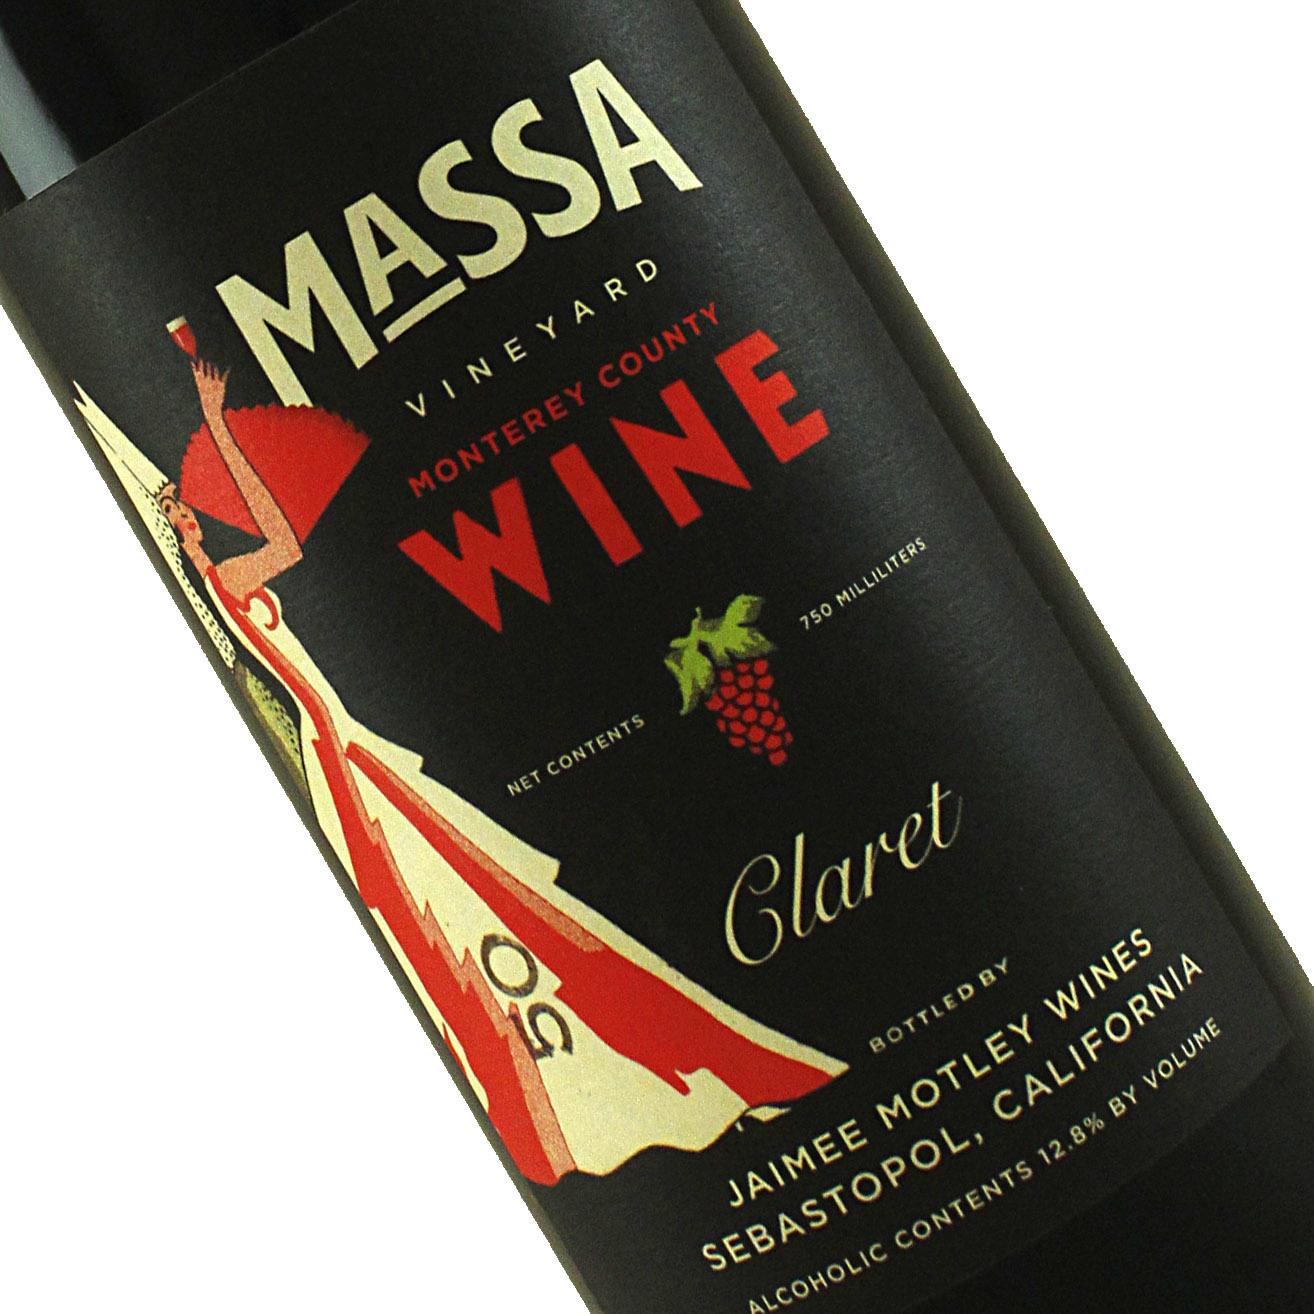 Massa 2018 Claret, Monterey County